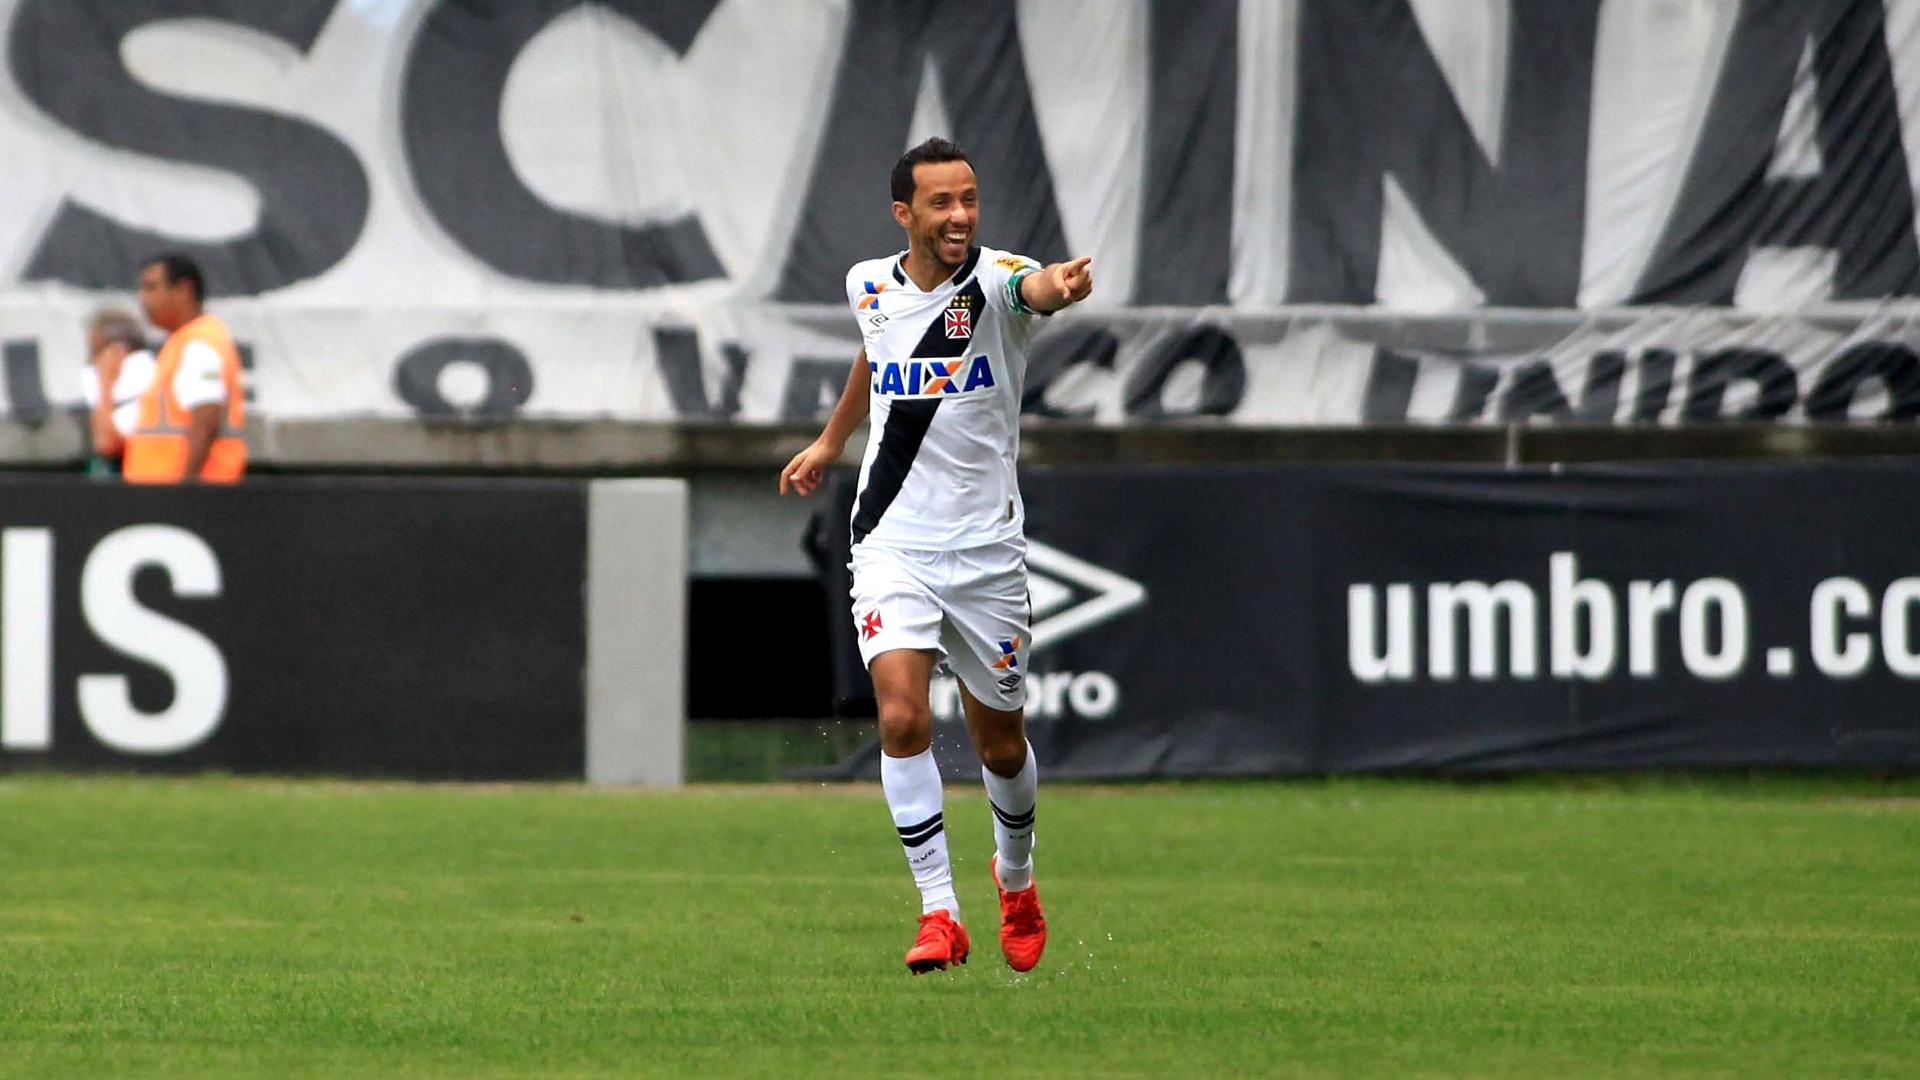 Nenê comemora o seu gol pelo Vasco contra o Joinville, pelo Campeonato Brasileiro